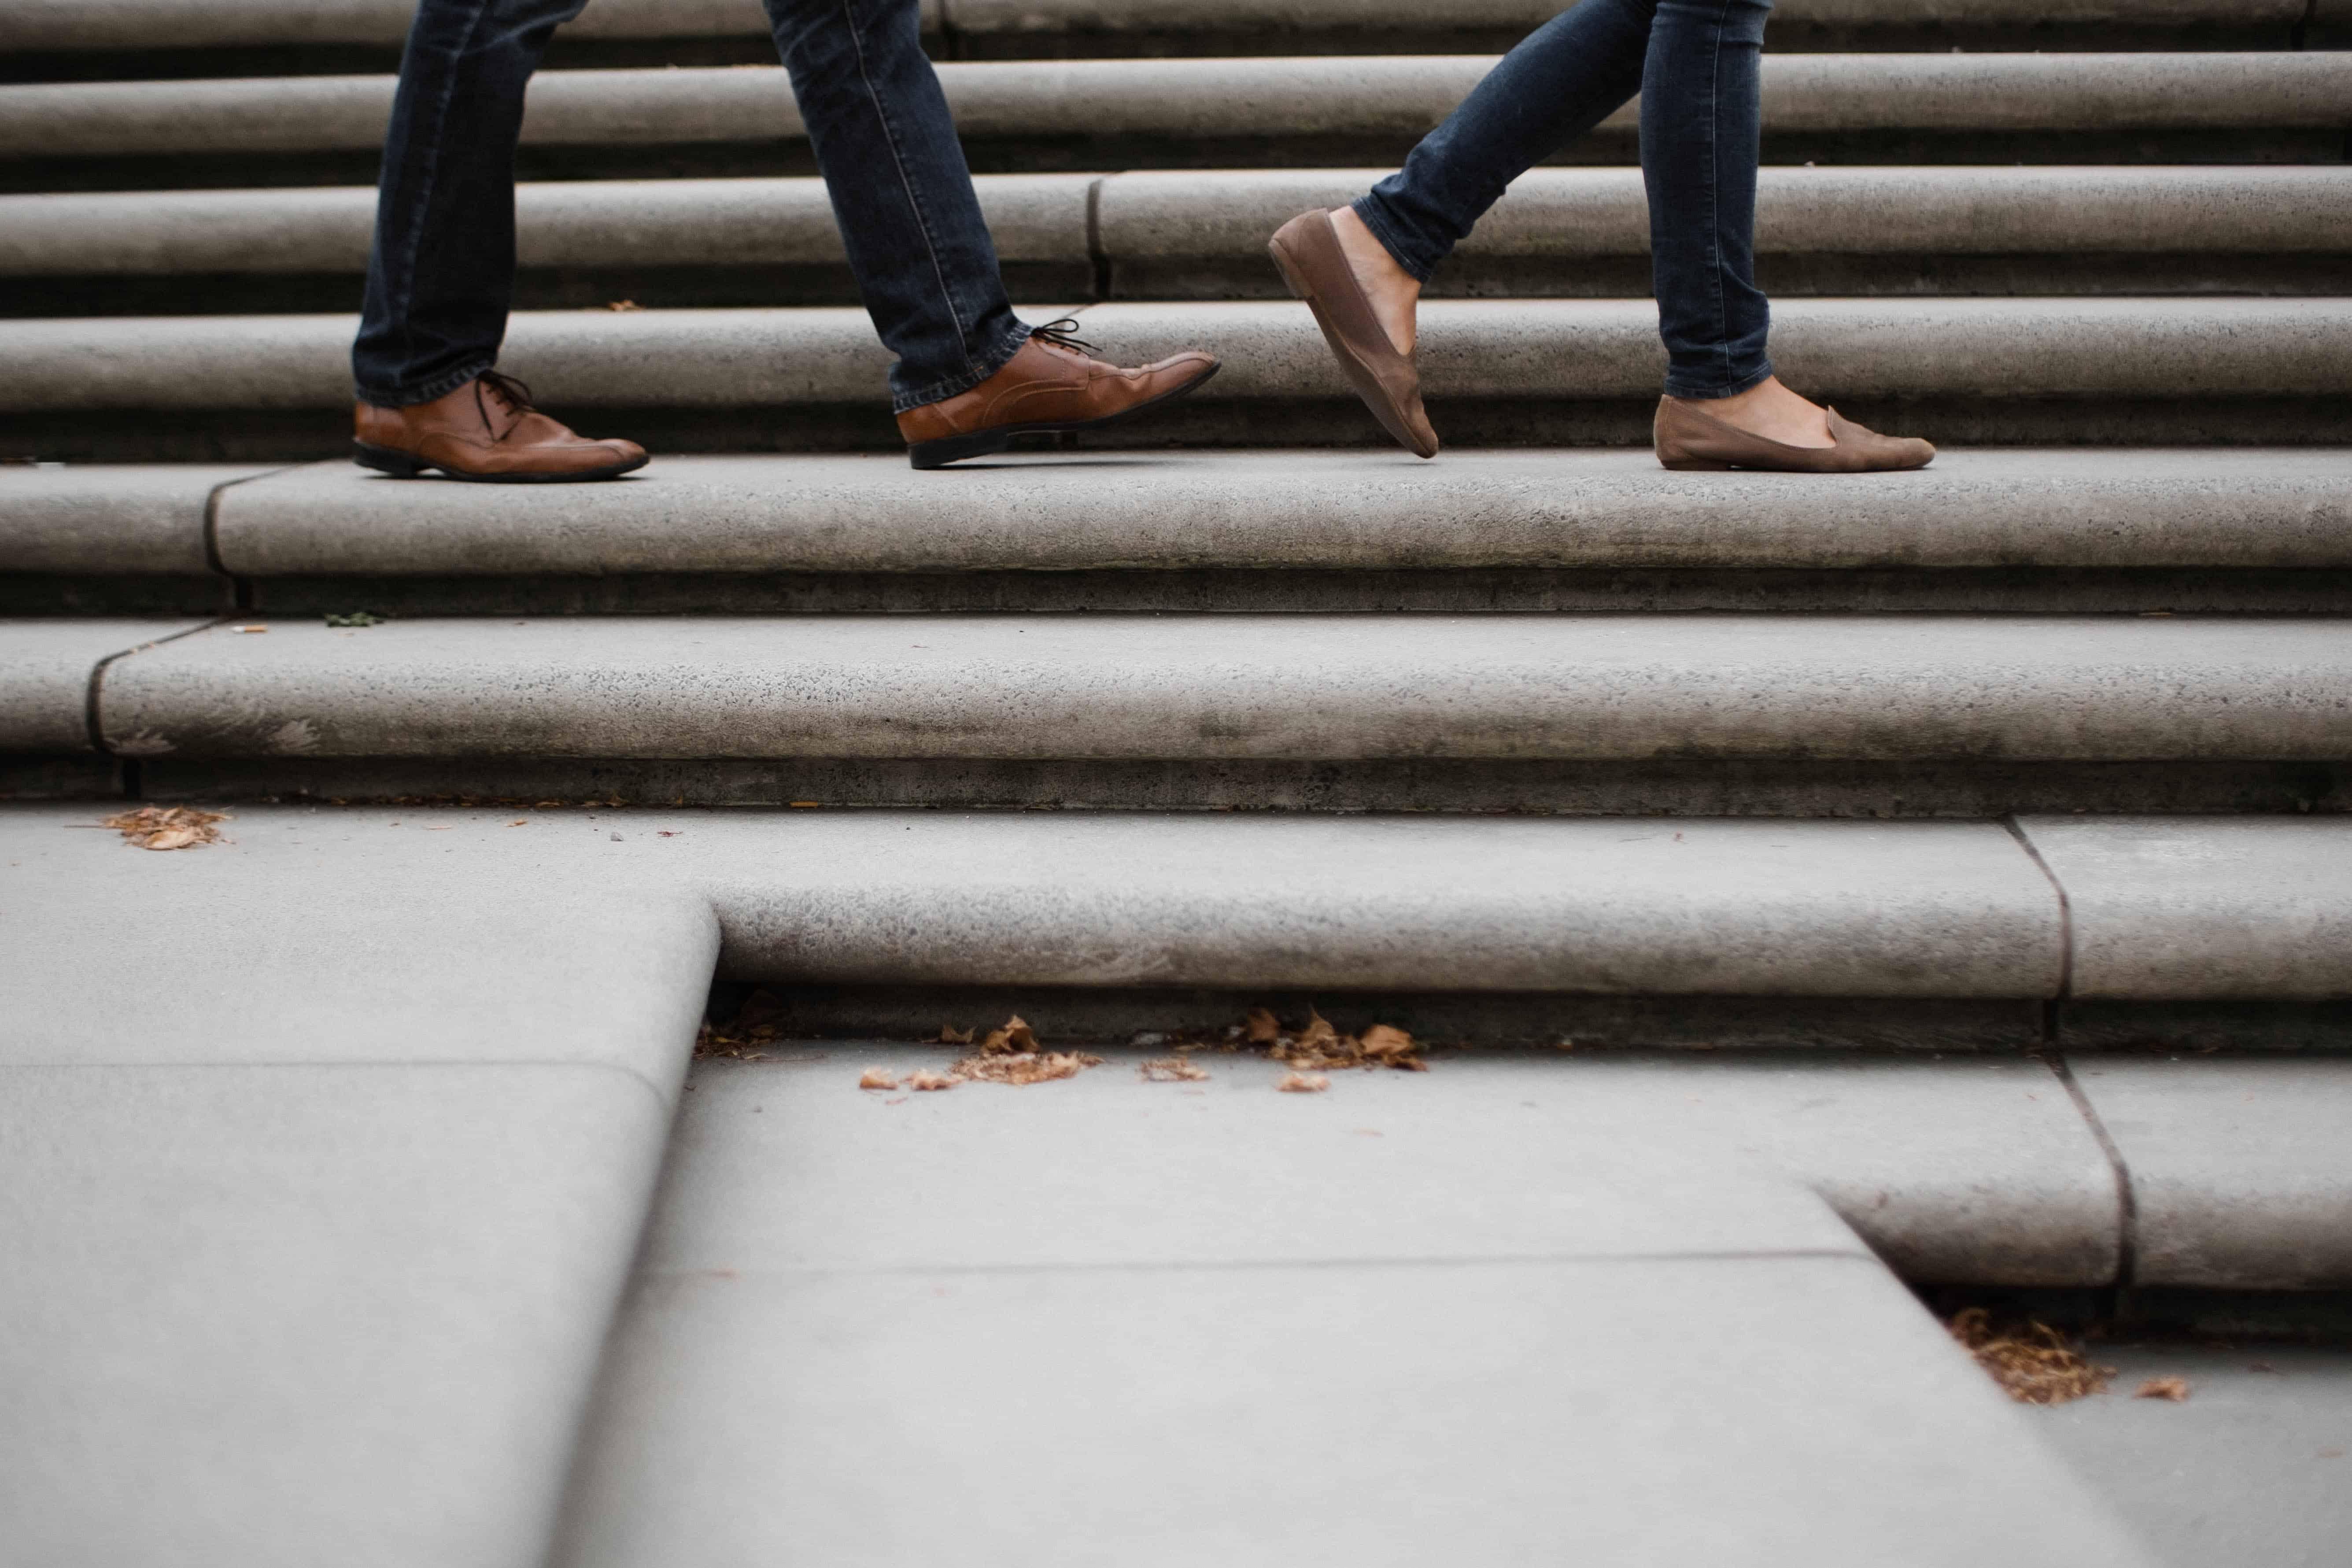 auf einer Betontreppe laufen 2 Personen, man sieht nur den unteren Teil der Beine